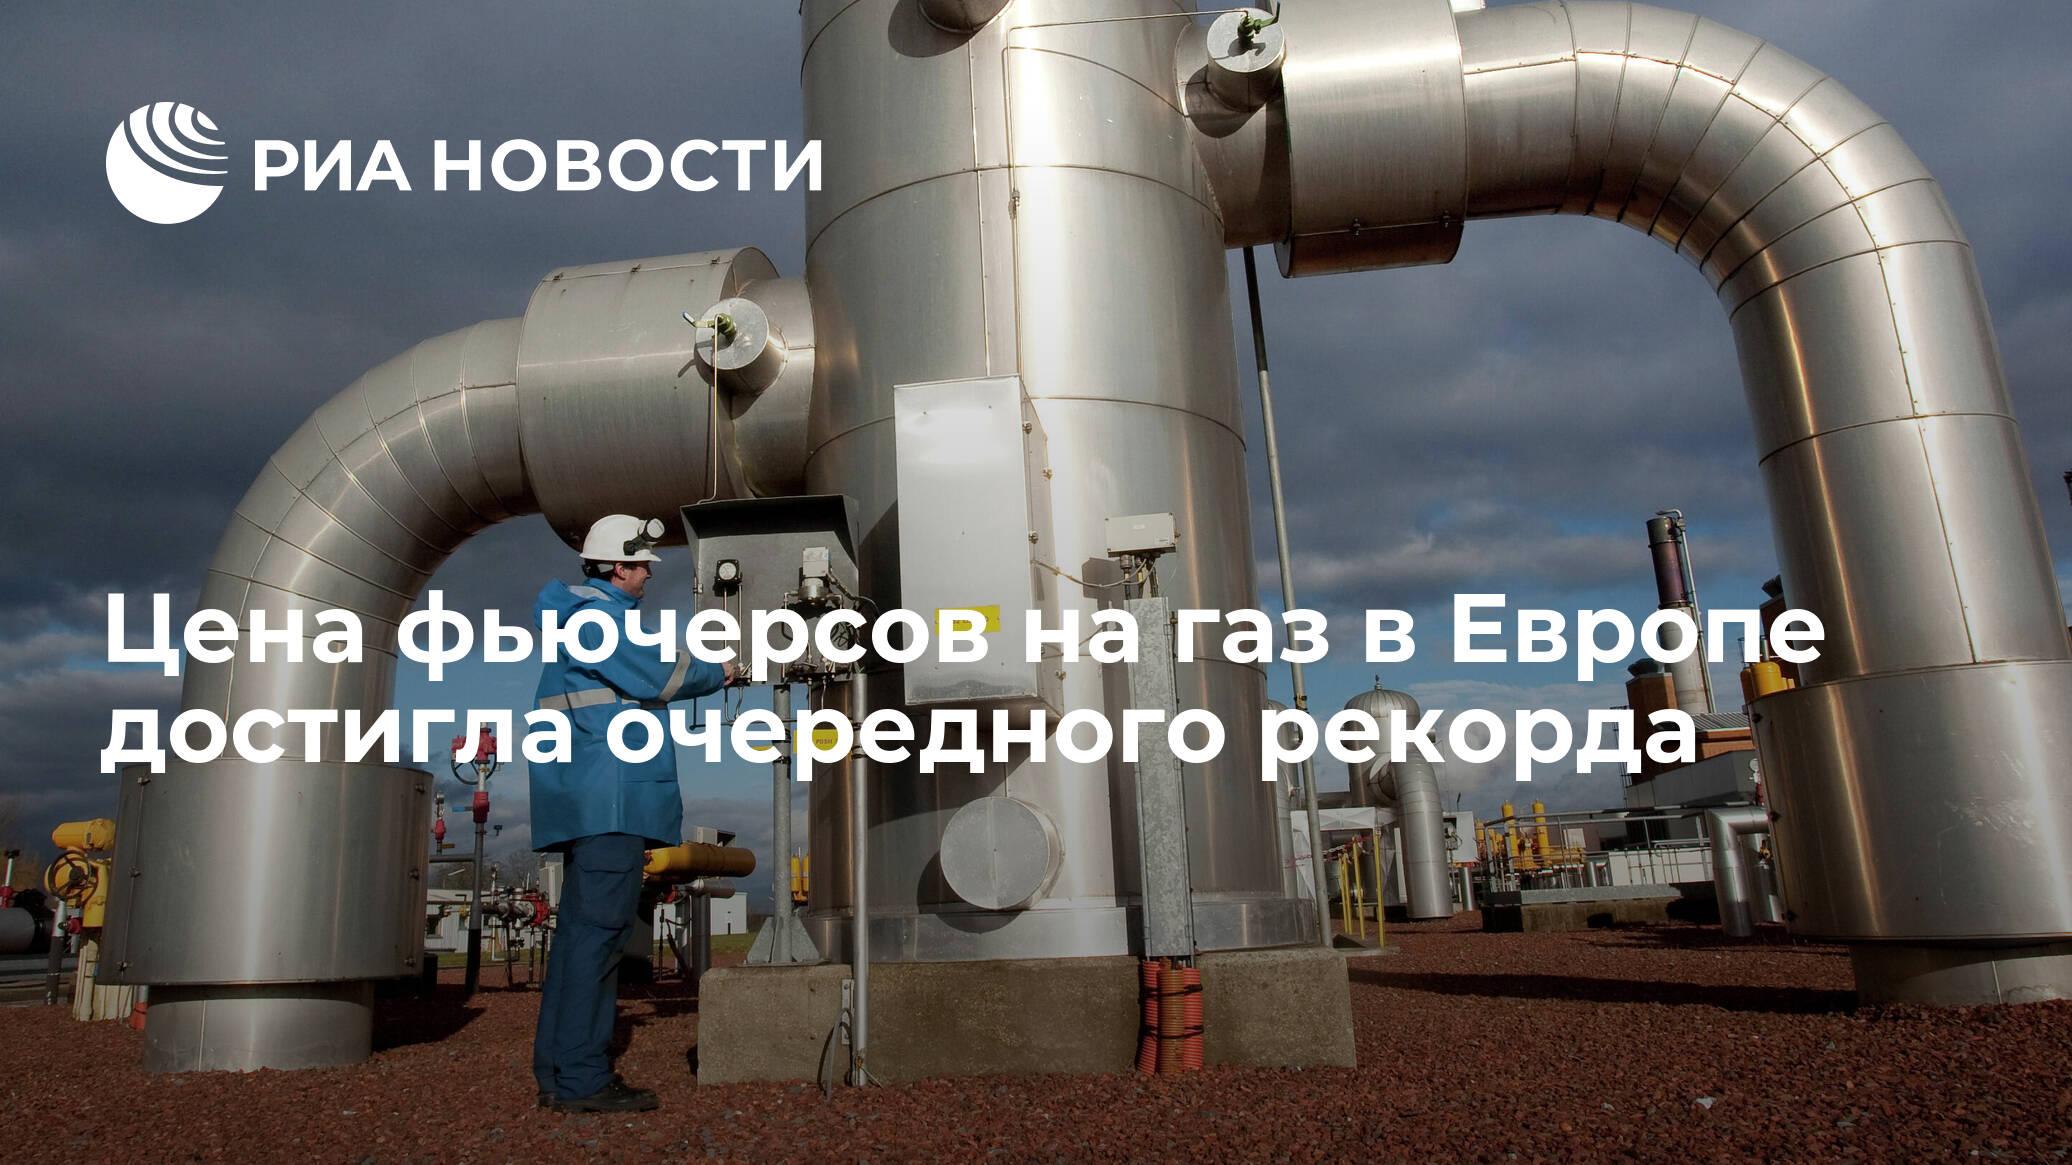 Цена фьючерсов на газ в Европе достигла очередного рекорда